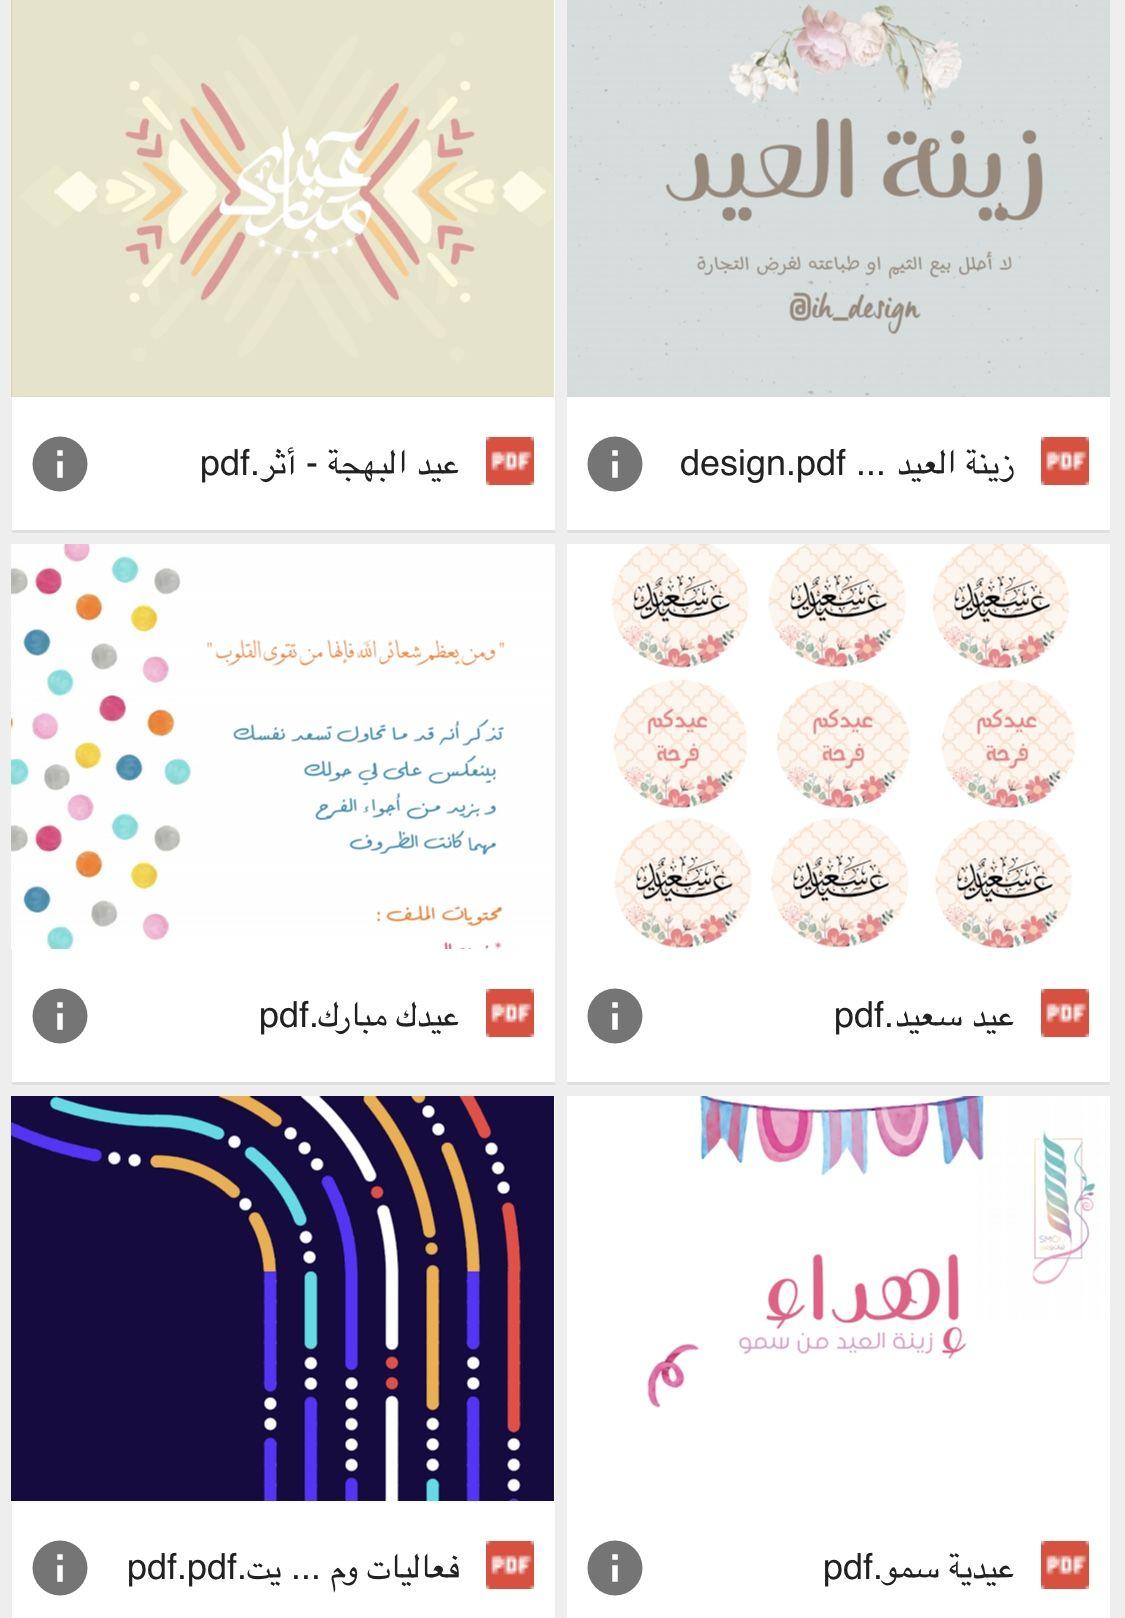 ملفات للعيد وزينته والعابه واهداءات Map App Google Apps